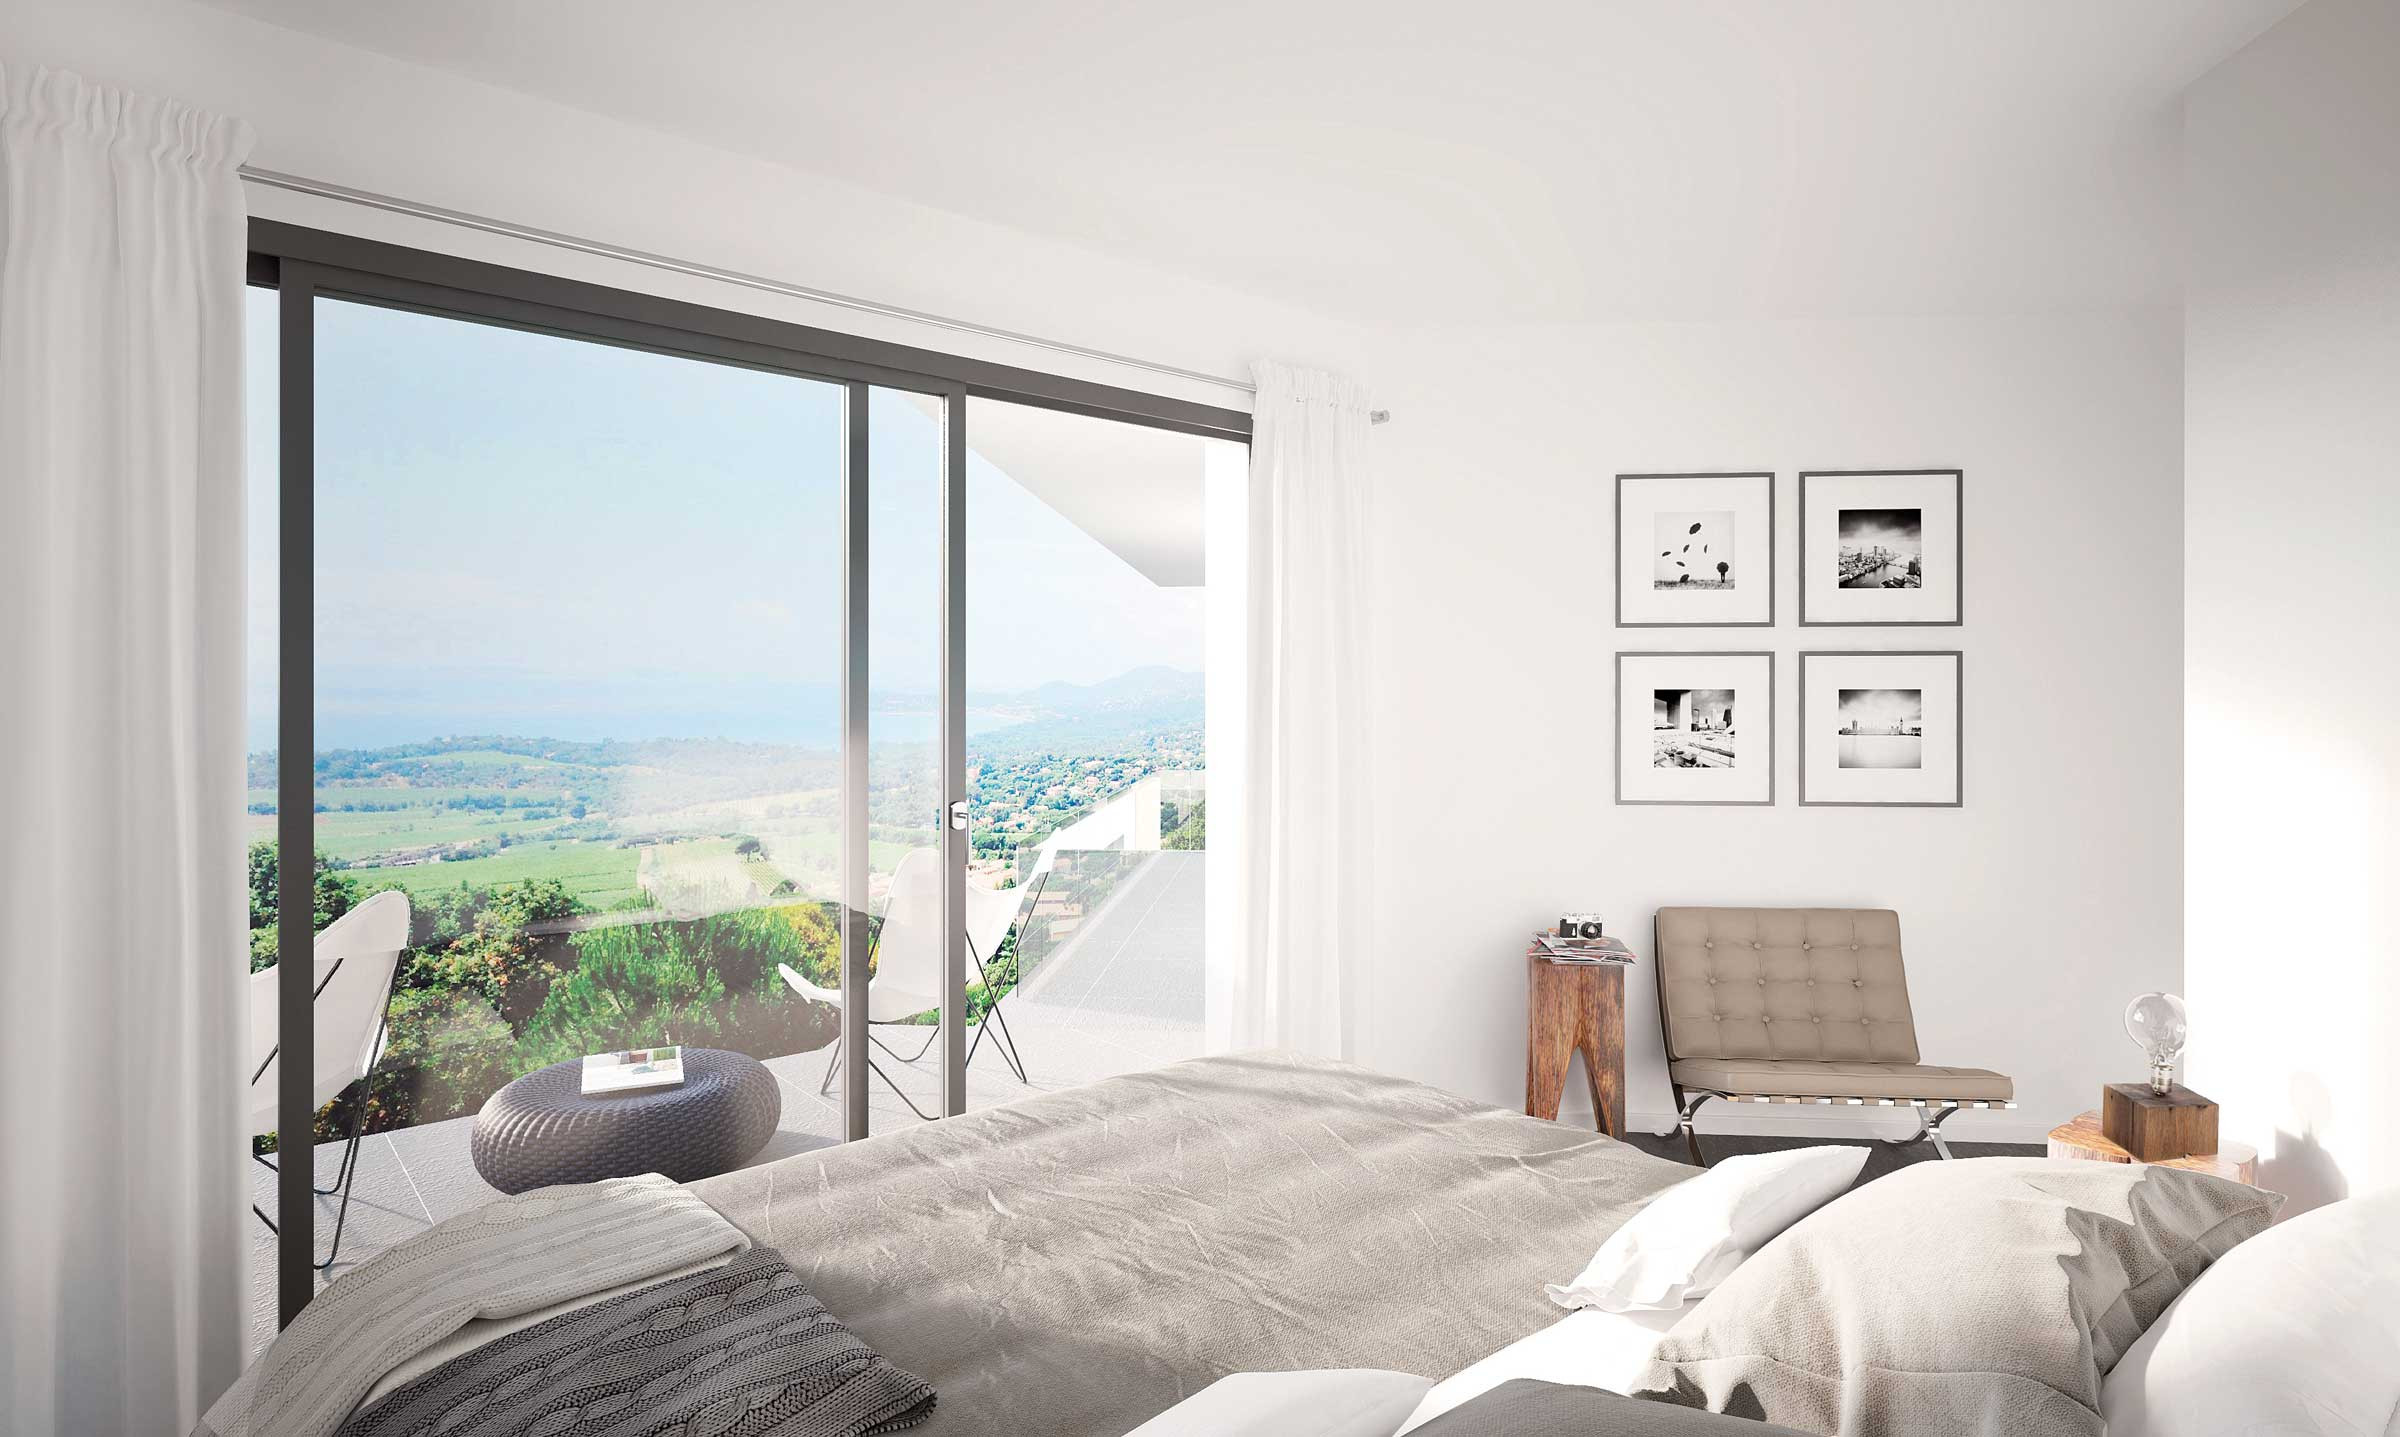 villa montes saint-tropez, Schlafzimmer entwurf